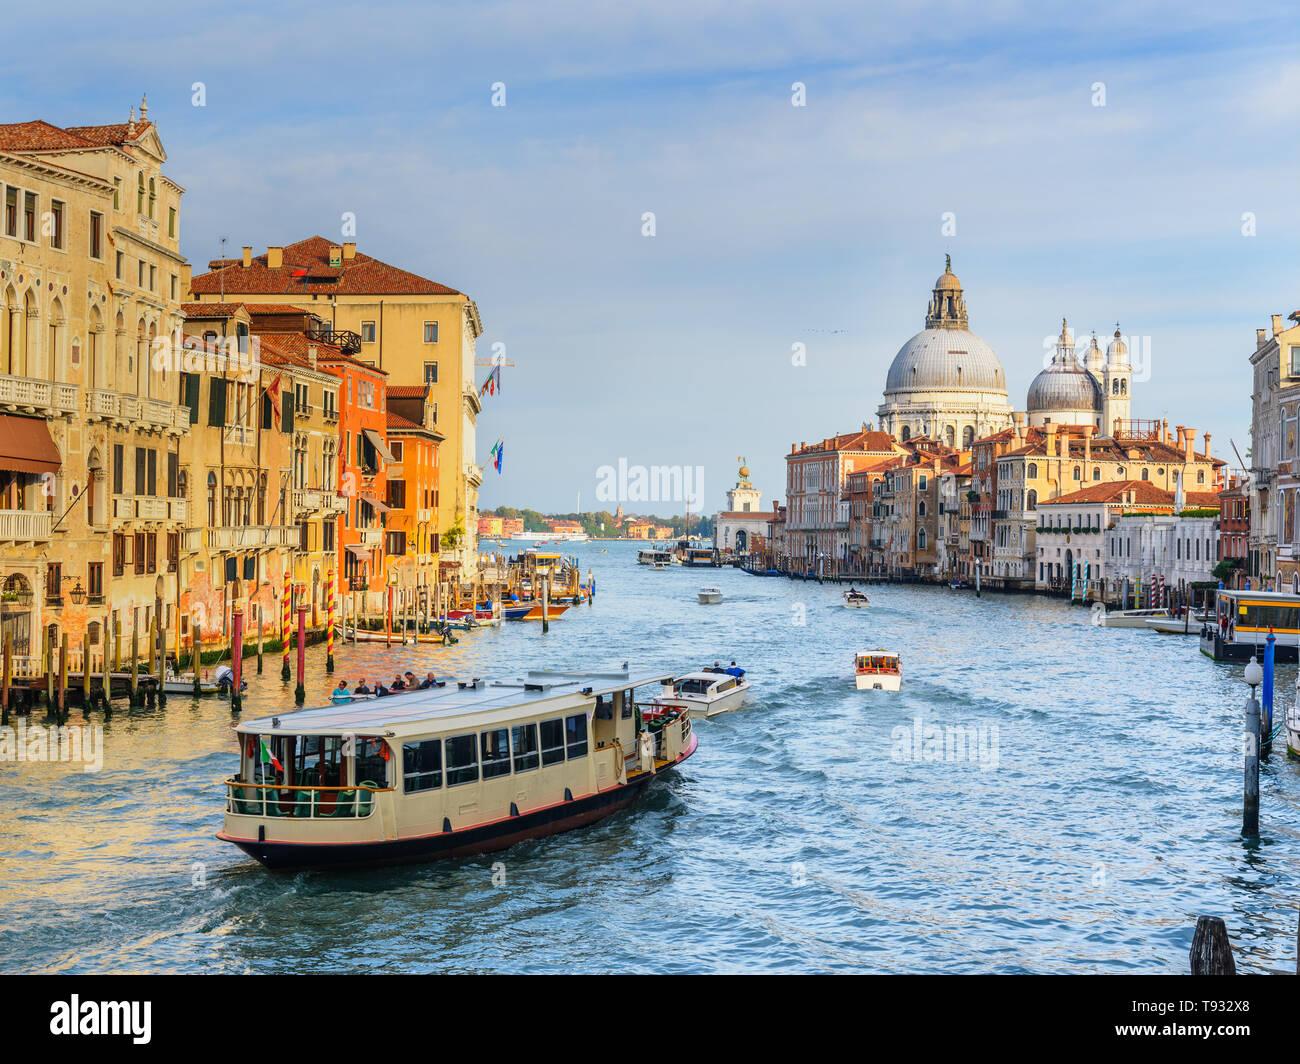 Vista del Canal Grande dal Ponte dell'Accademia a Venezia. Italia Foto Stock